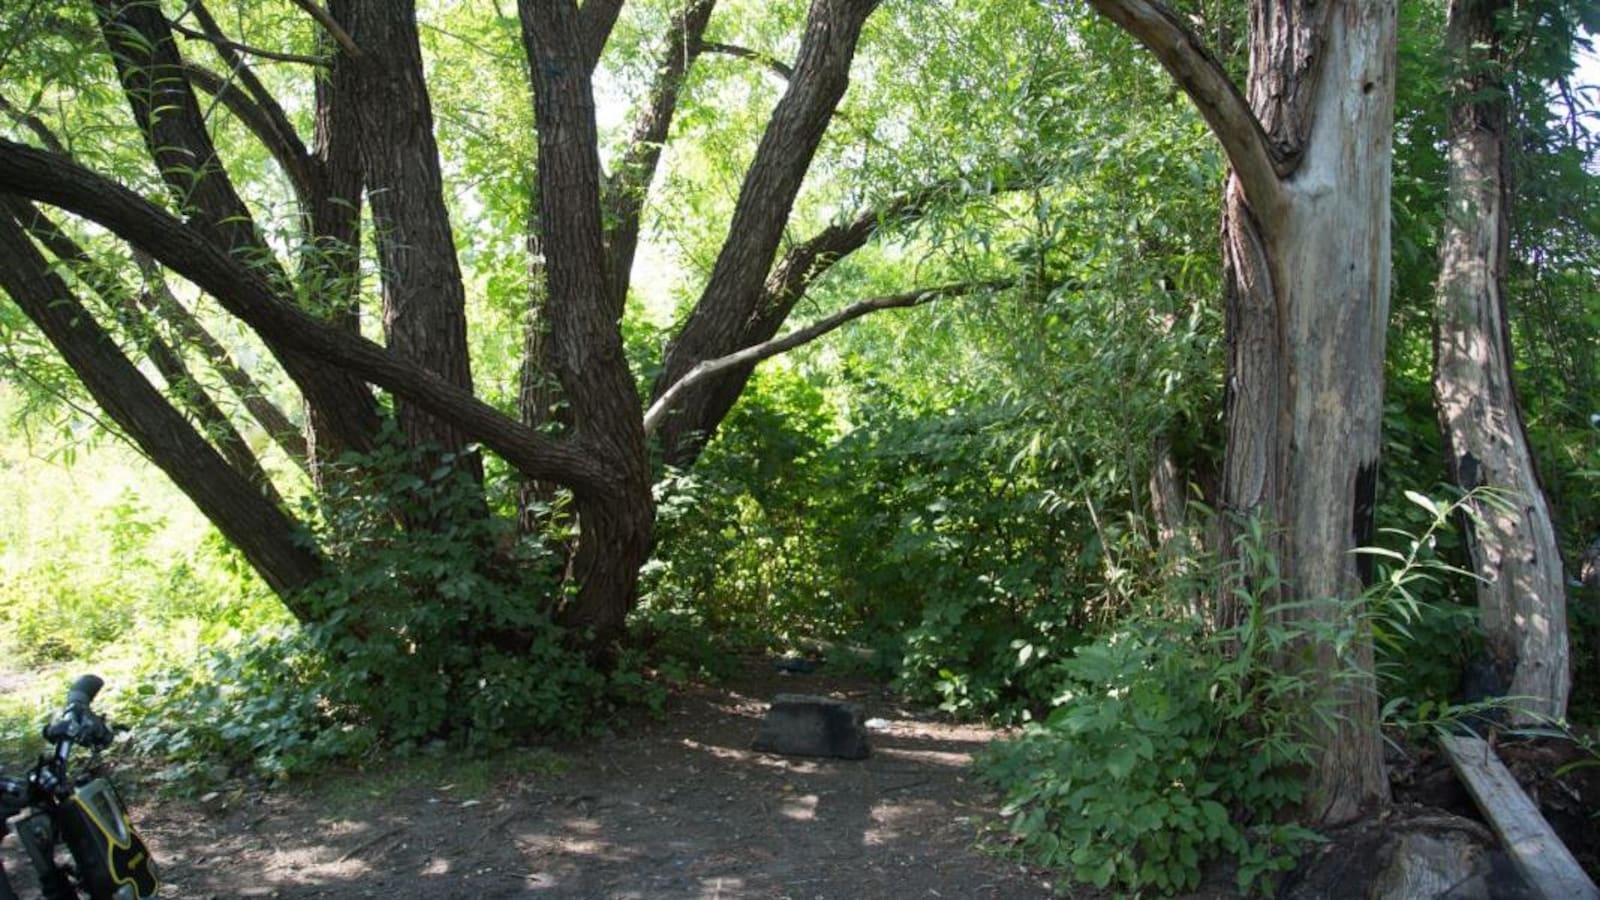 Des arbres de bonne taille dans le boisé.